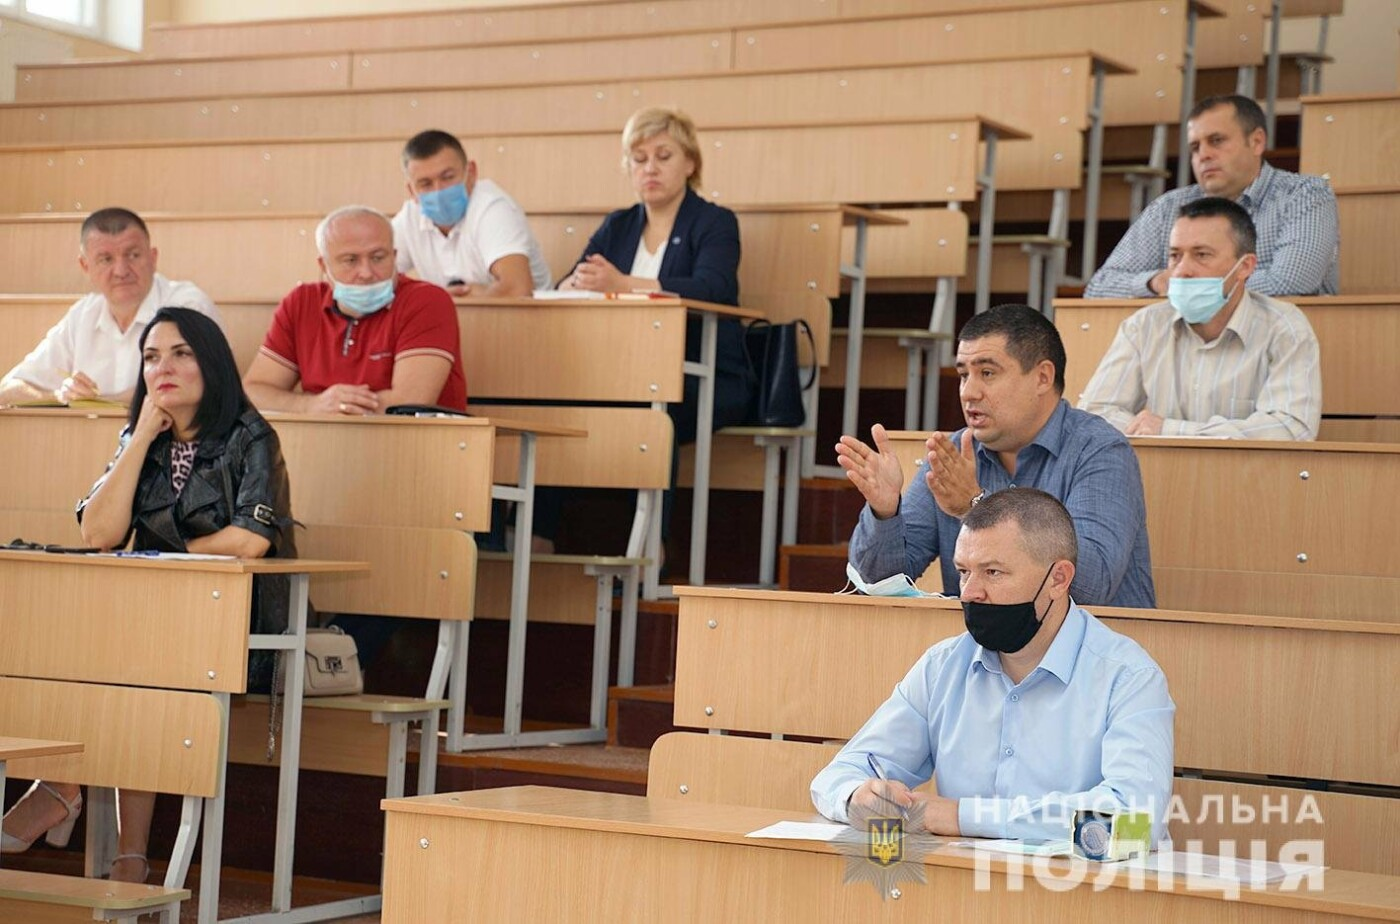 У Кам'янці кінологи з усієї України обговорювали стратегію кінологічної служби, фото-3